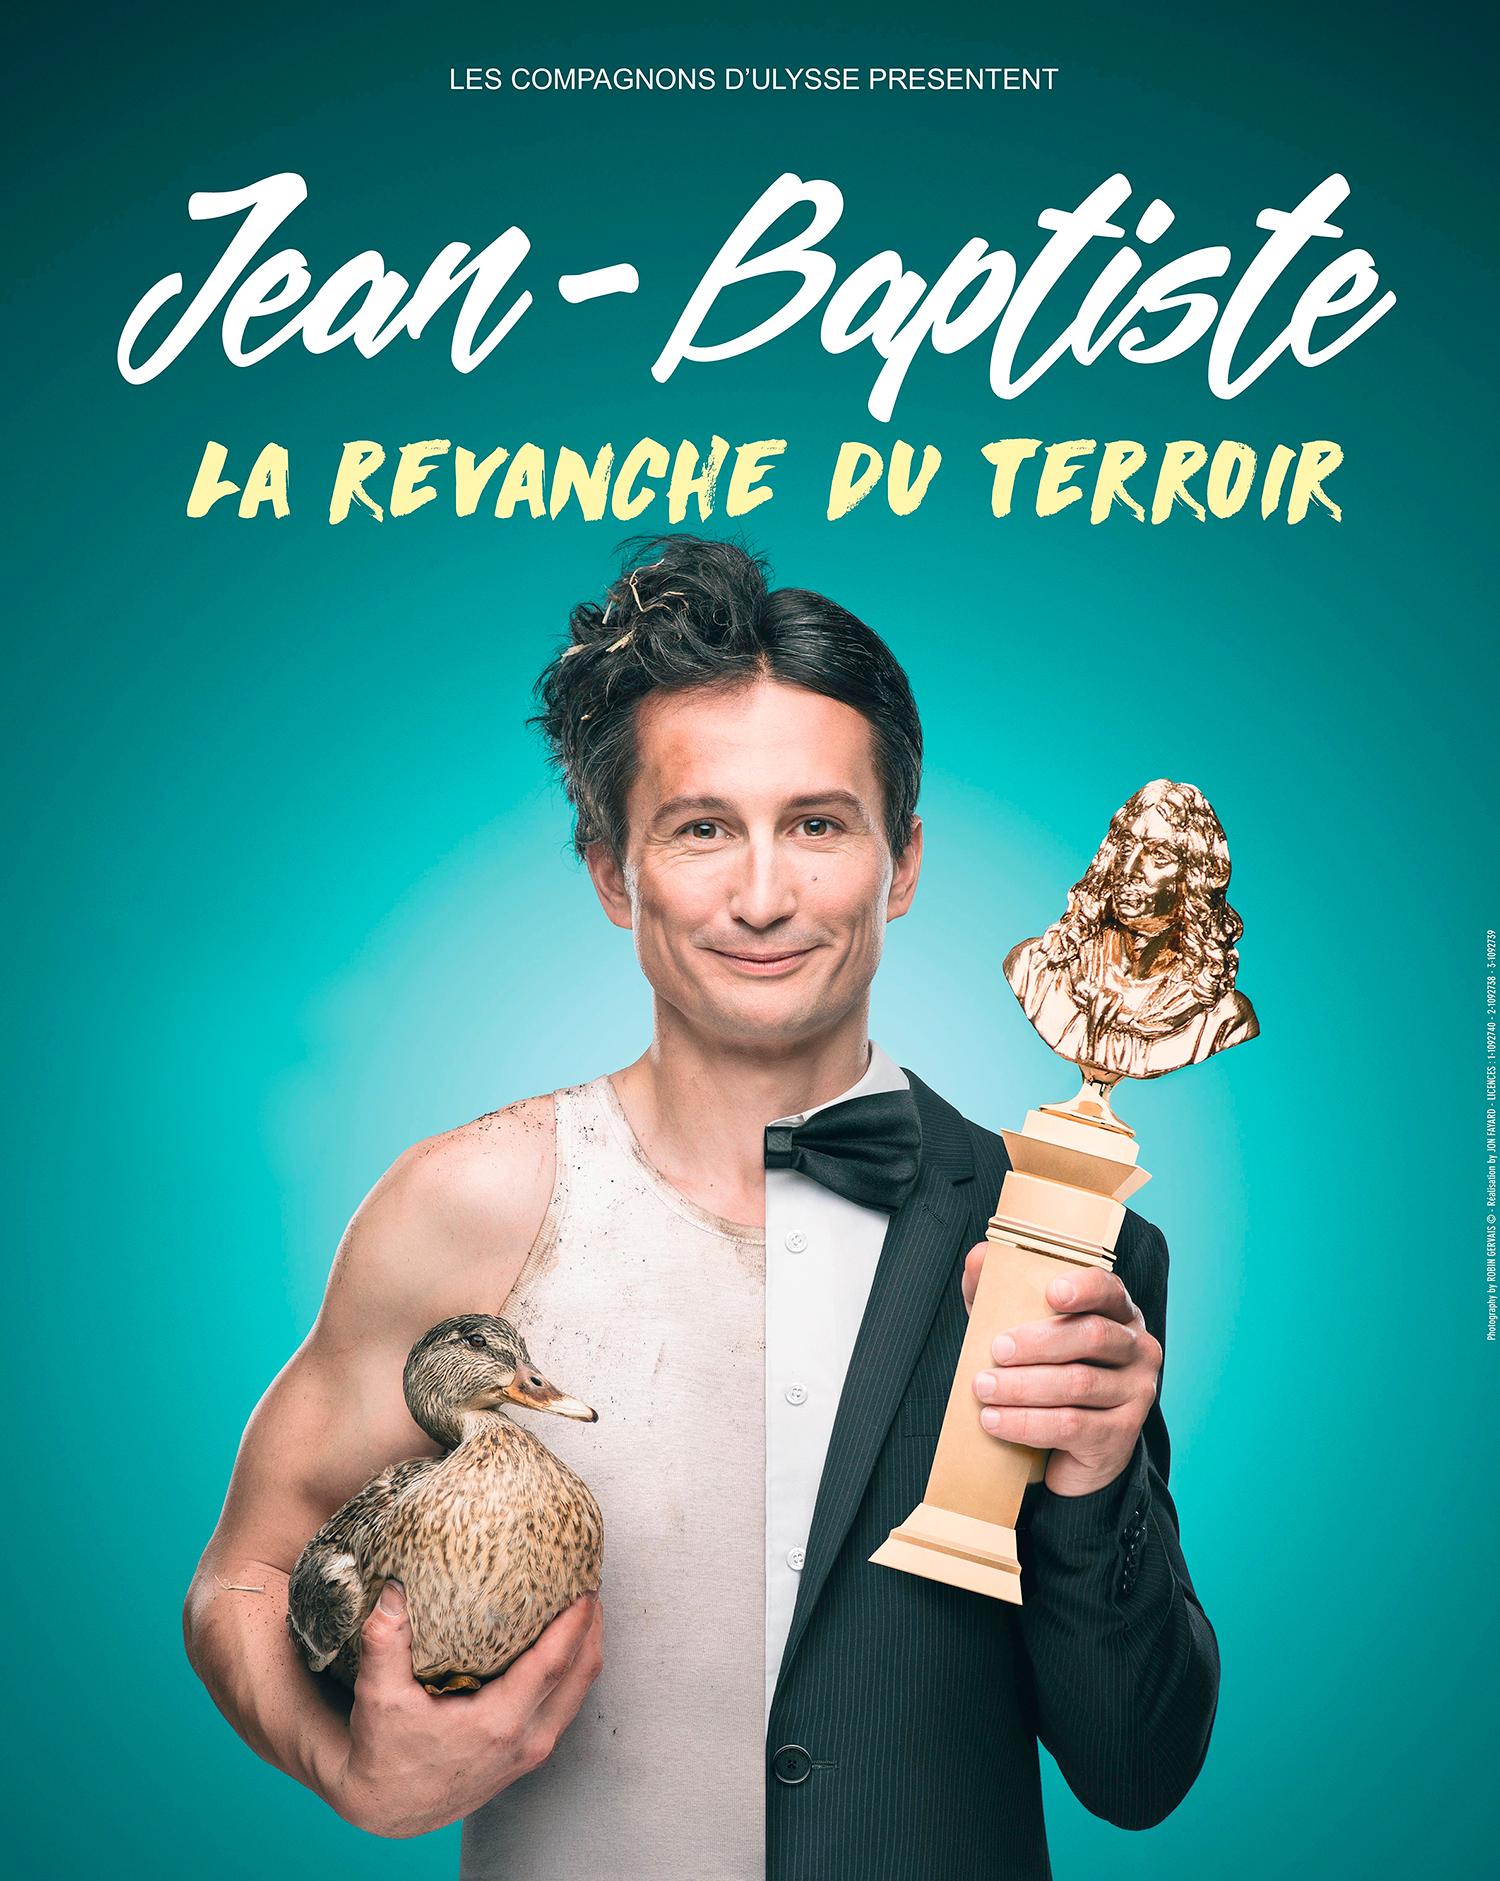 Jean-Baptiste, le 17 Février - Théâtre de poche en bord d'ô